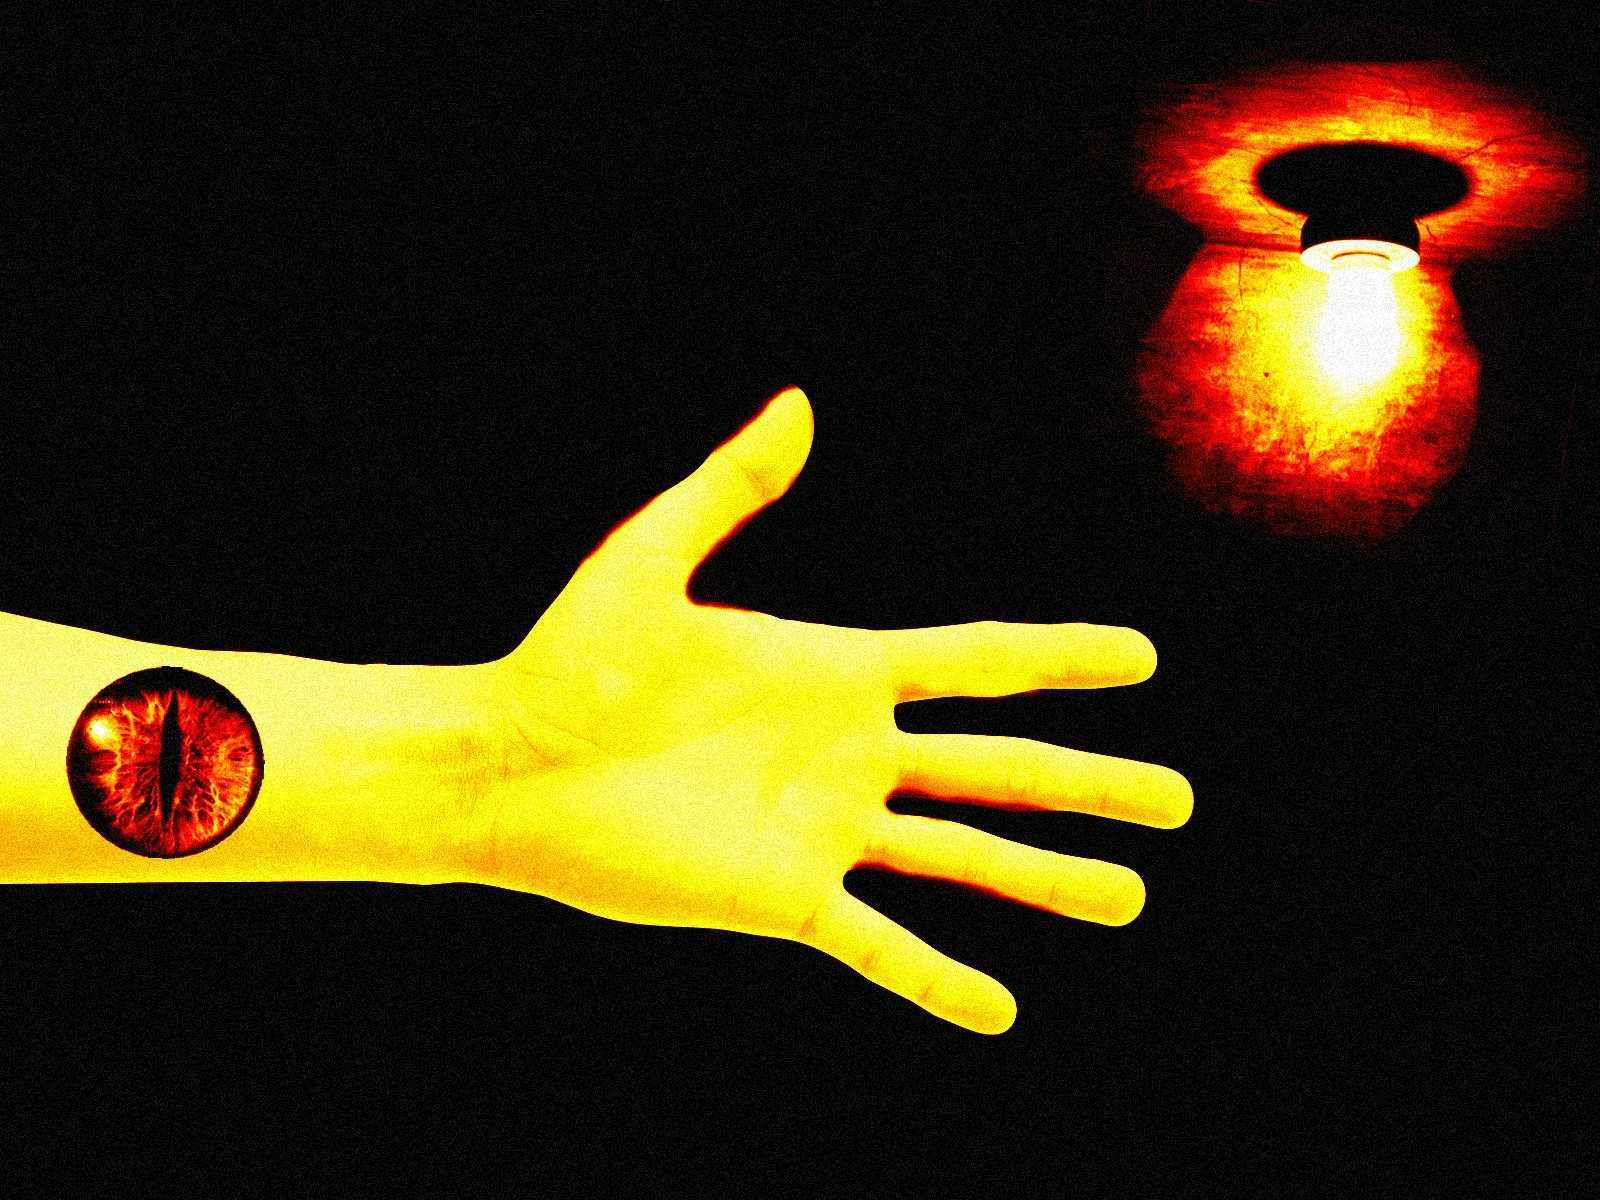 Глаз на руке. Управляющая рука. Осознанный сон. Мистический опыт